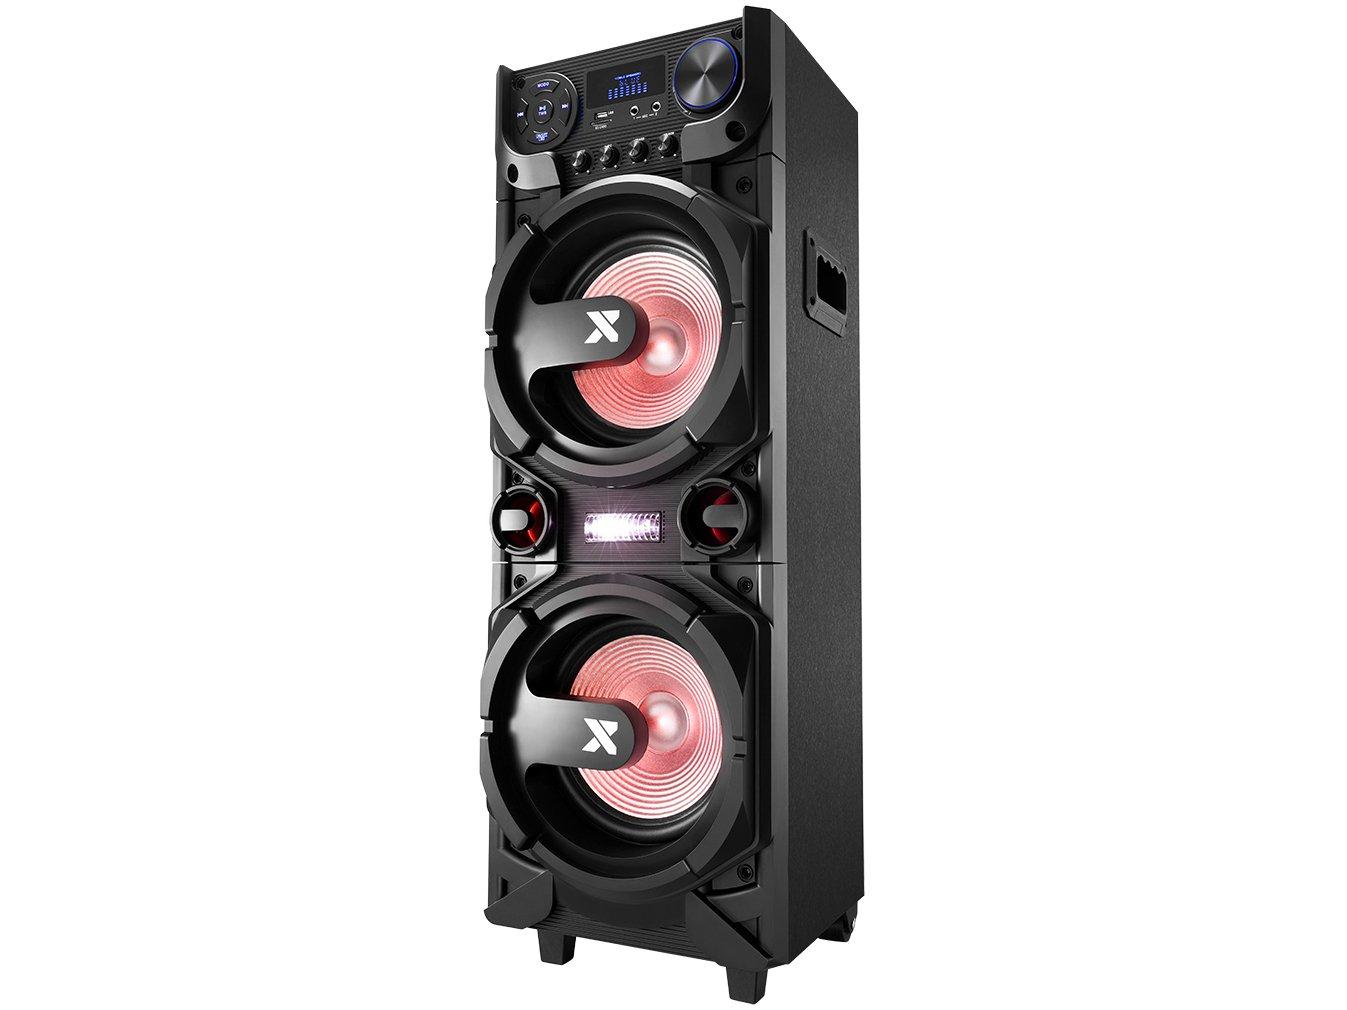 Caixa de Som Amplificada Multiuso Lenoxx CA-5000 com Bluetooth, Rádio FM, Entrada USB, SD e Card - 1000W - 8